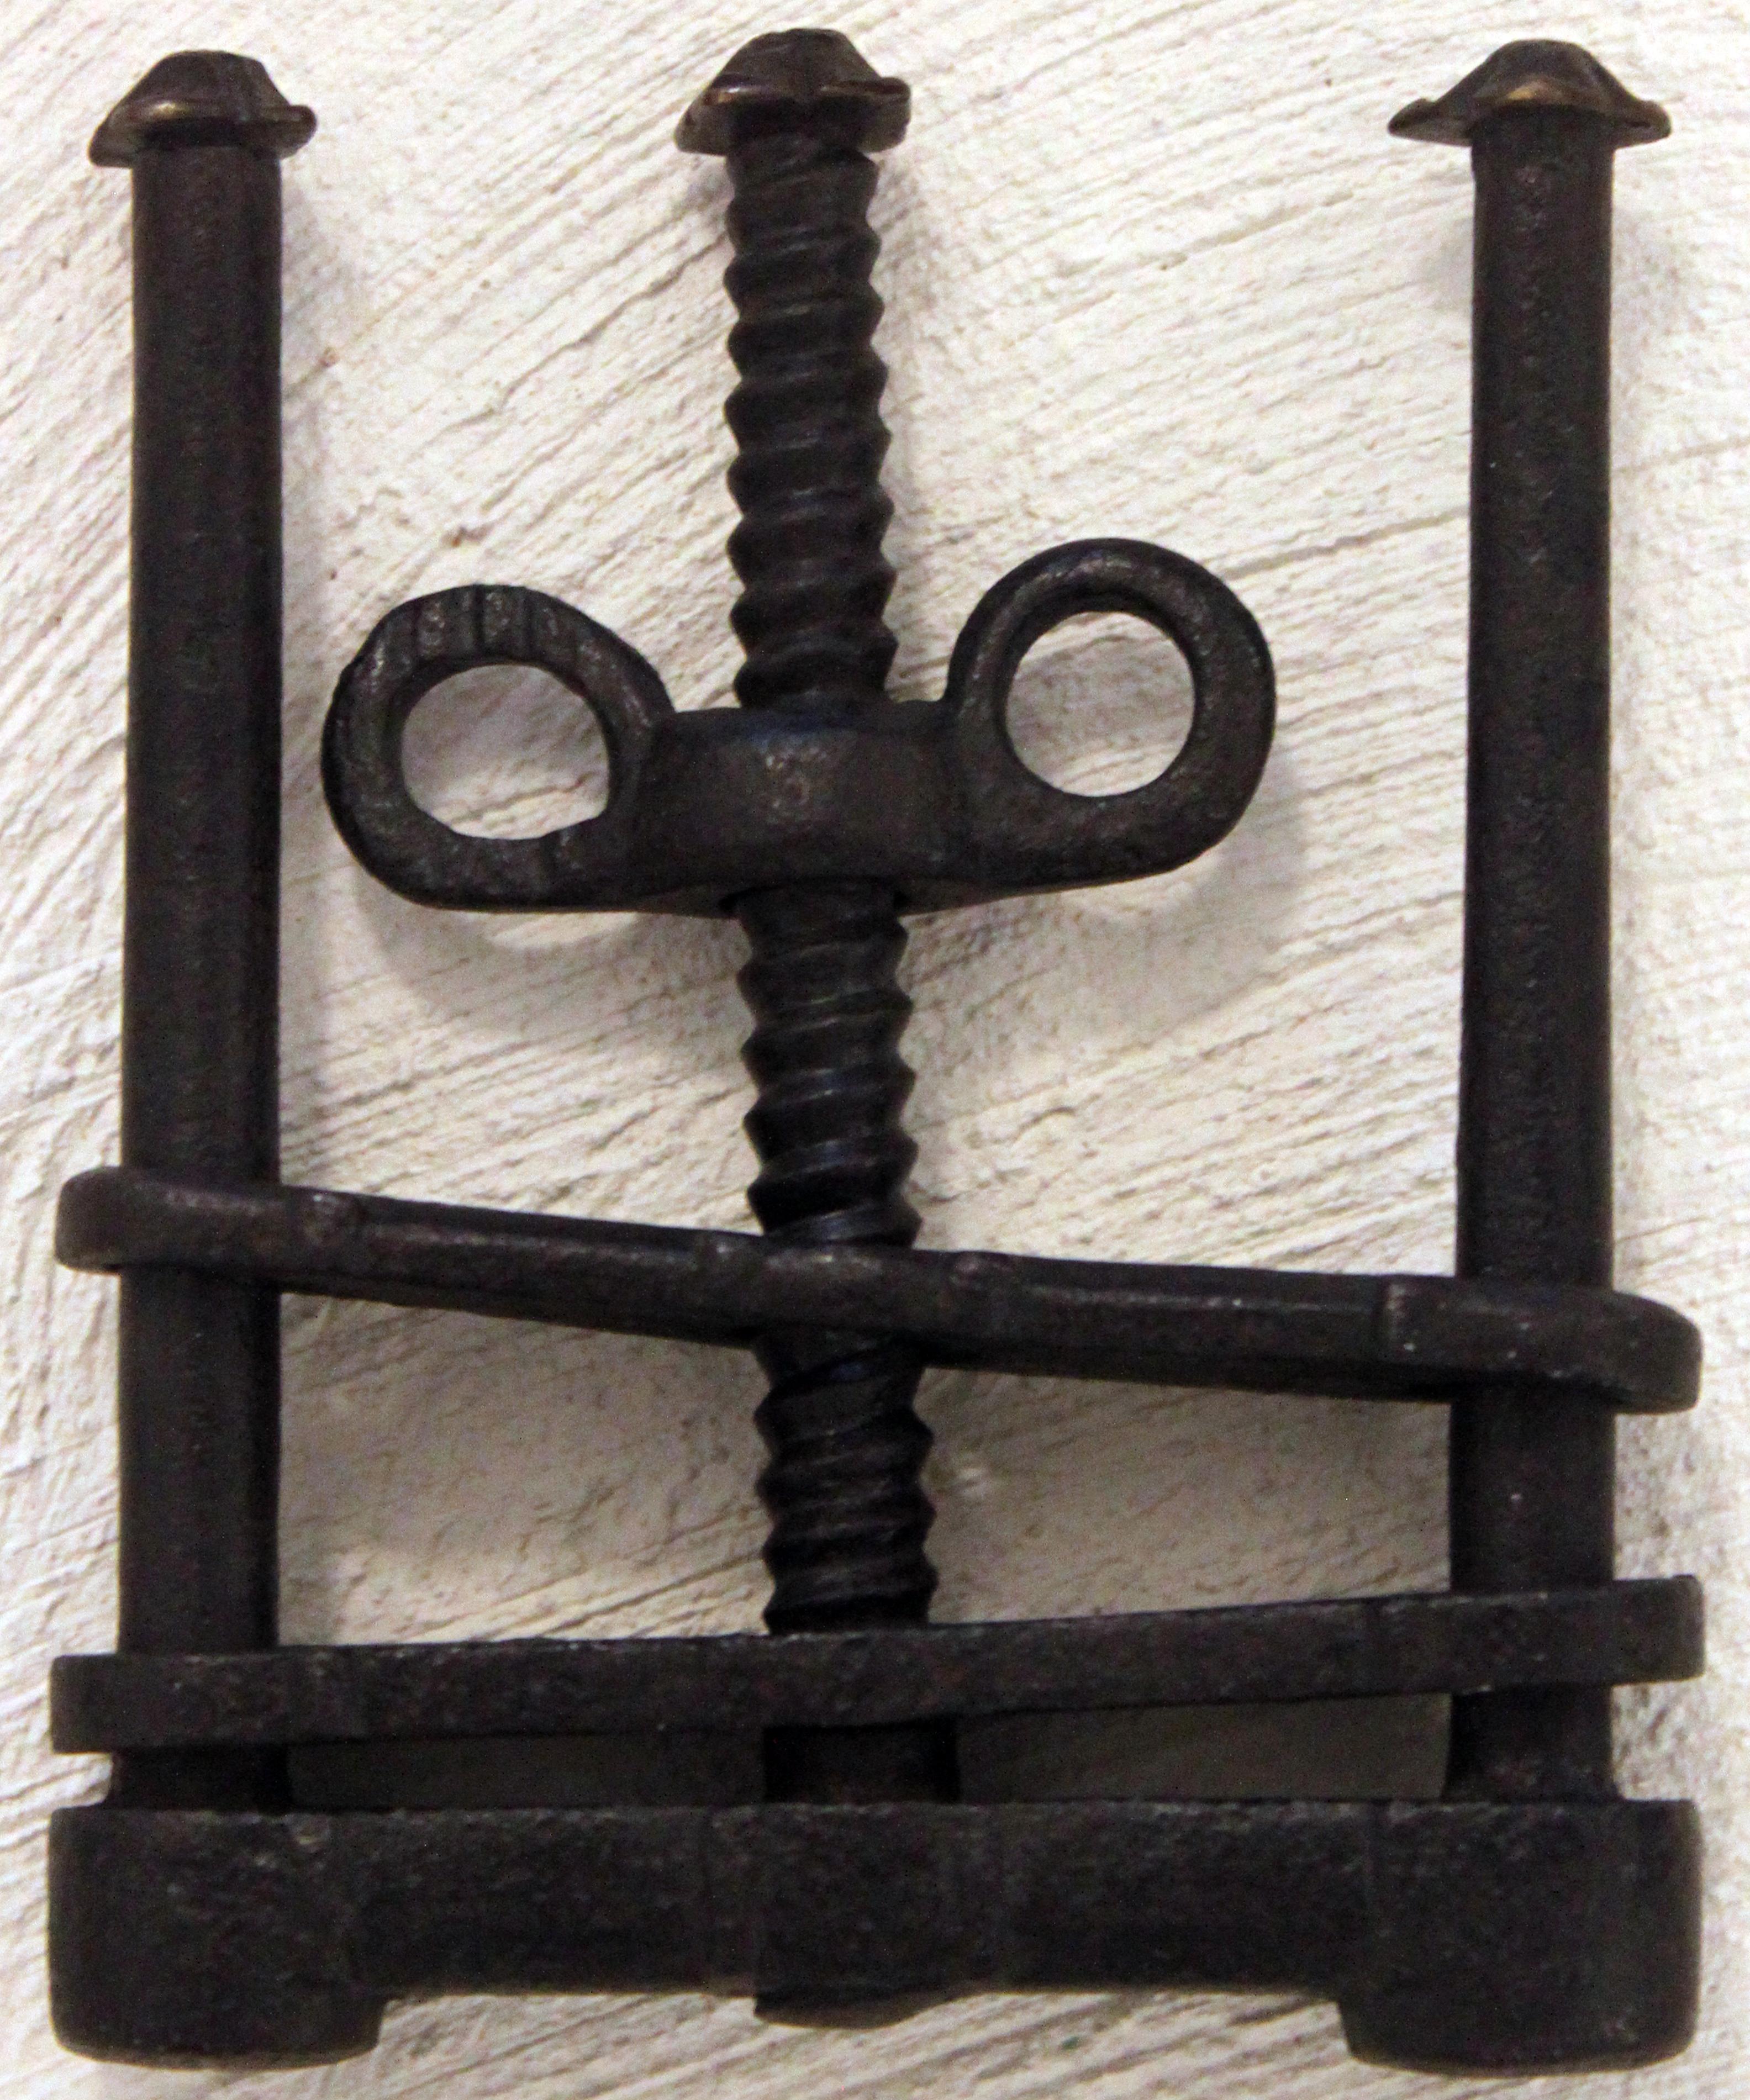 http://upload.wikimedia.org/wikipedia/commons/c/c6/16XX_Daumenschraube_anagoria.JPG